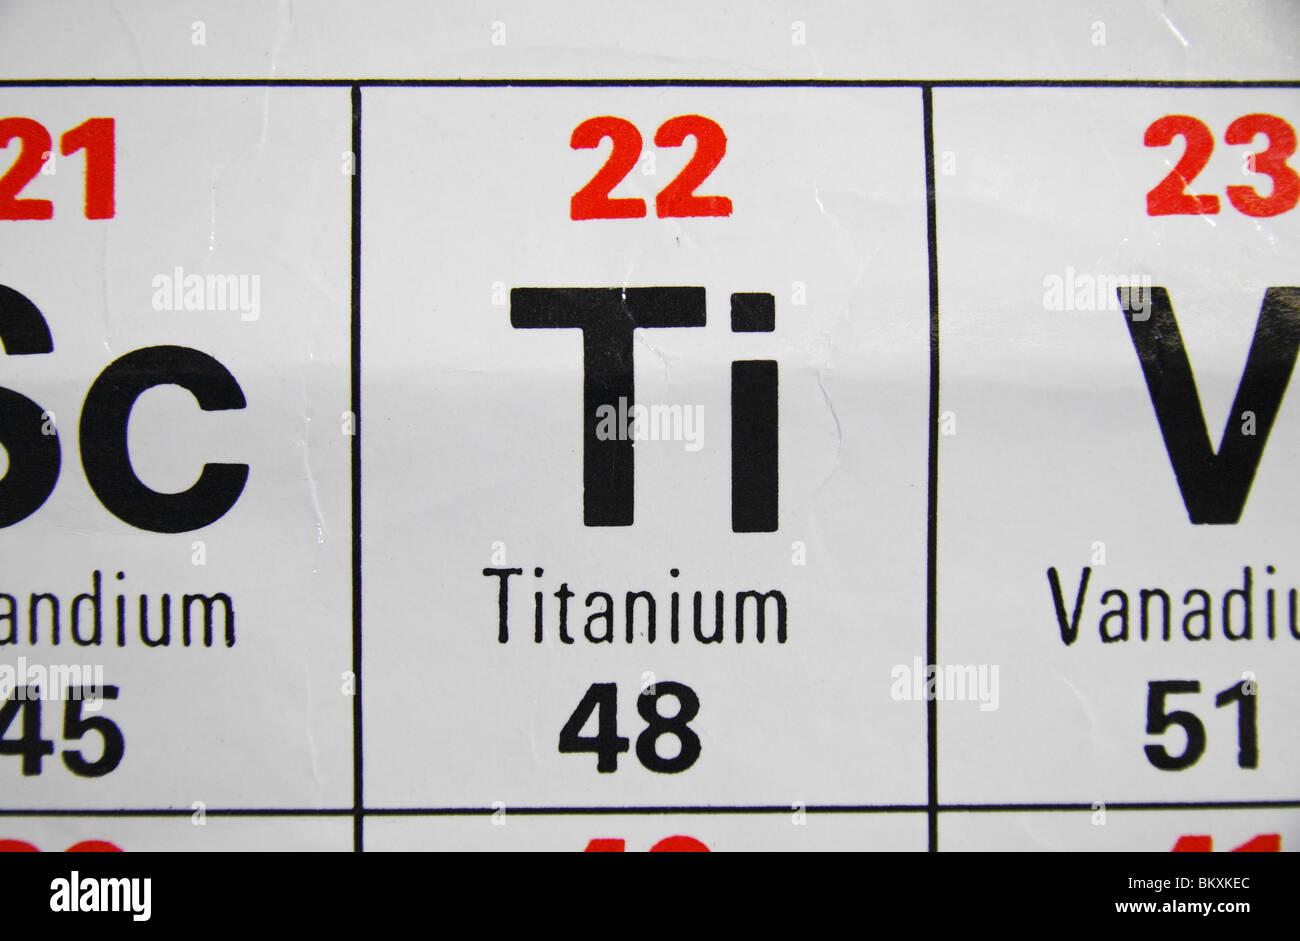 Nahaufnahme einer UK Gymnasium periodische Standardtabelle, mit Schwerpunkt auf das Metall Titan. Stockbild